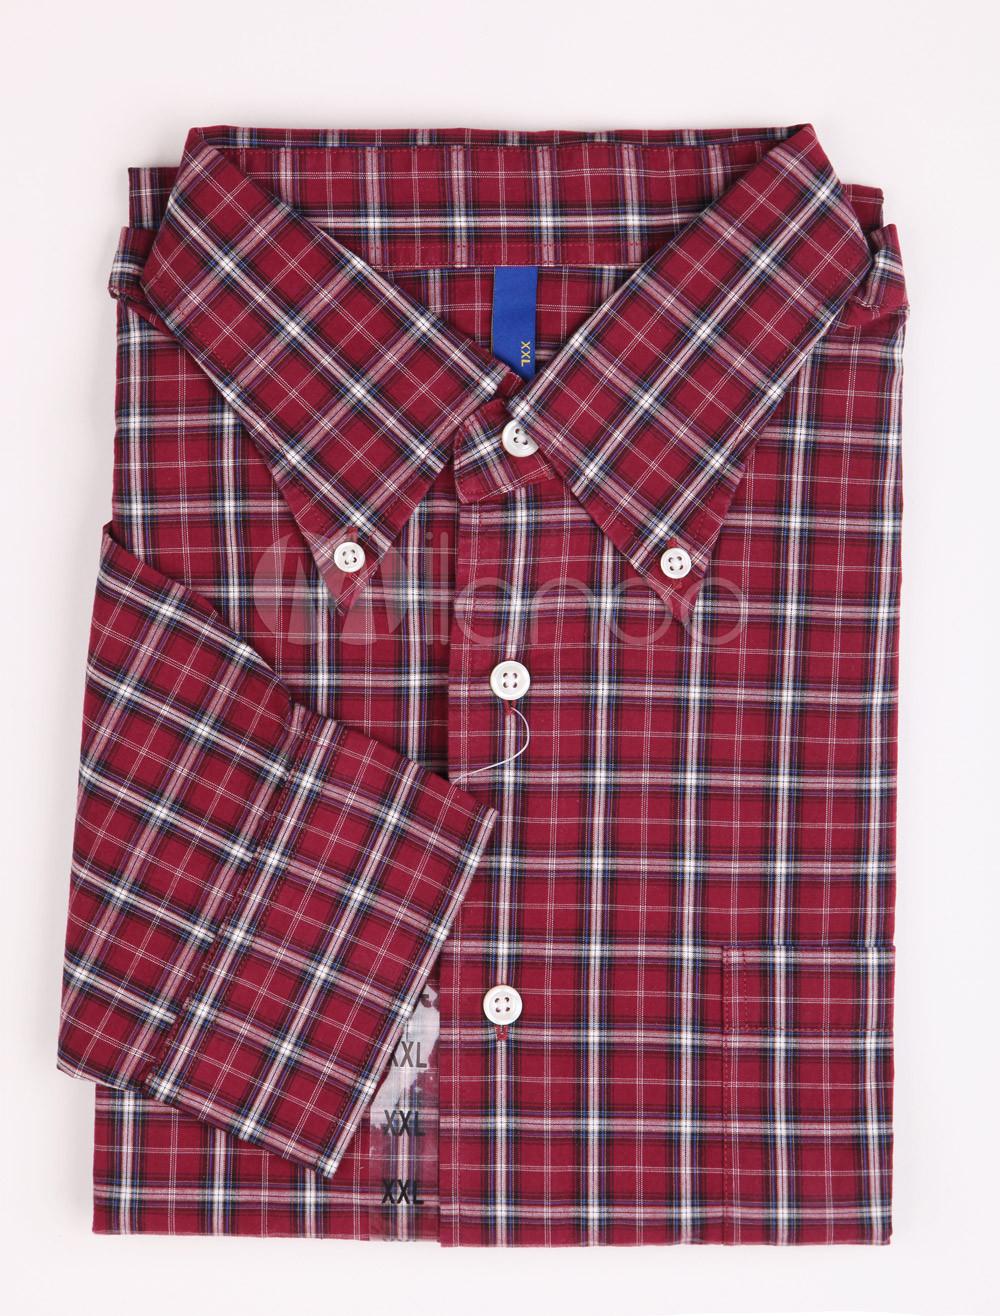 Camisas rojas de algodón a cuadros - Milanoo.com